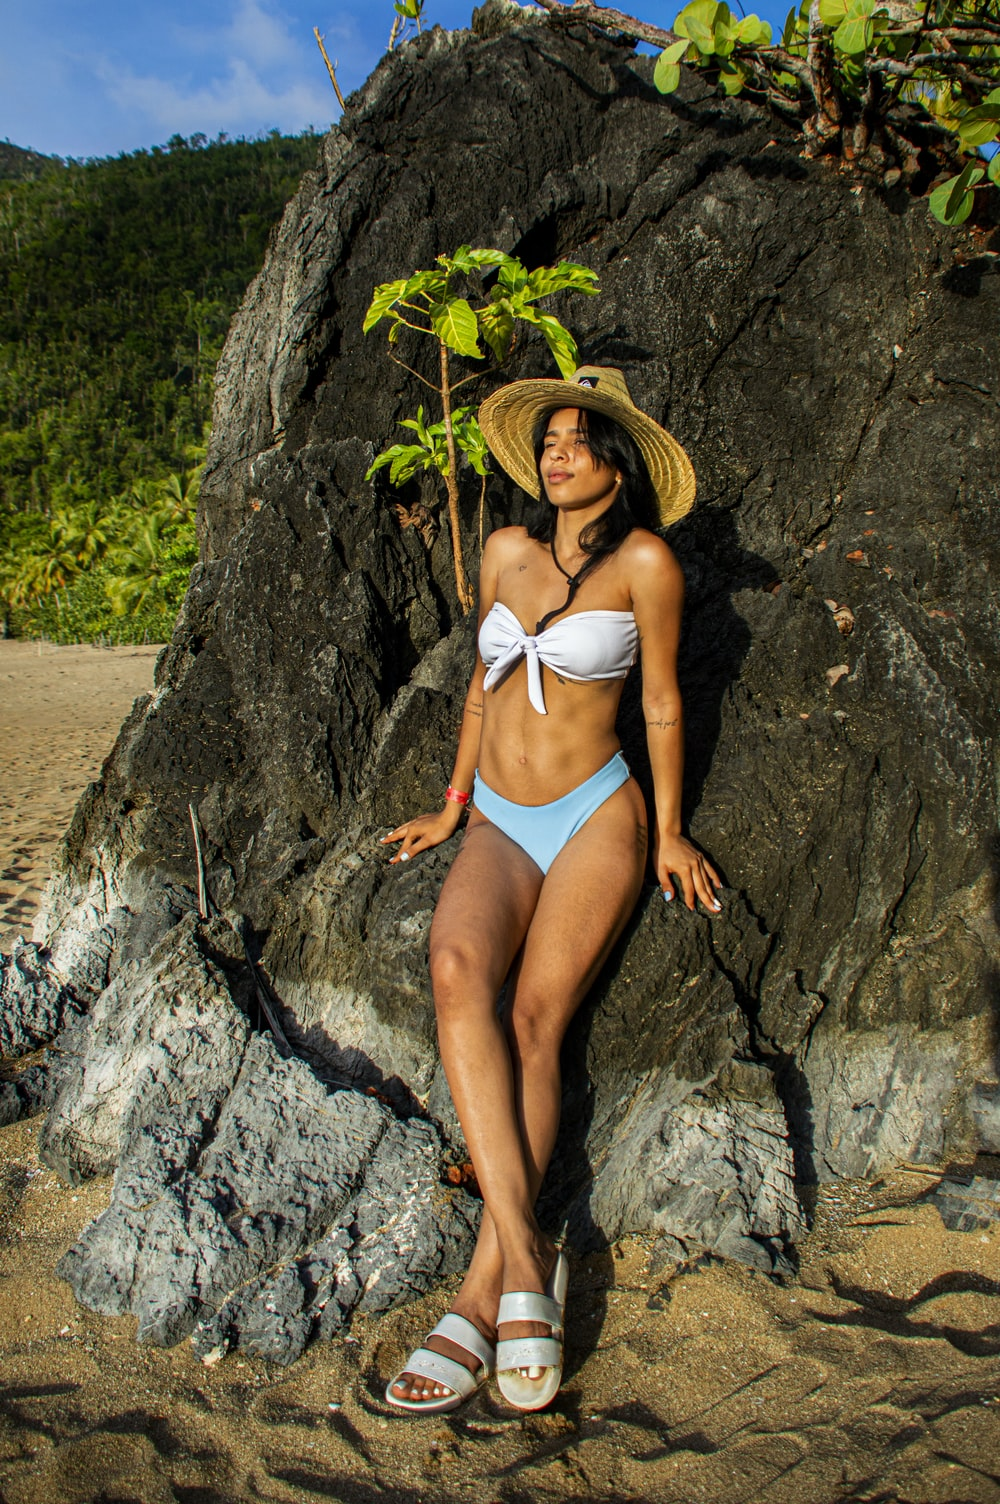 woman in blue bikini lying on rock